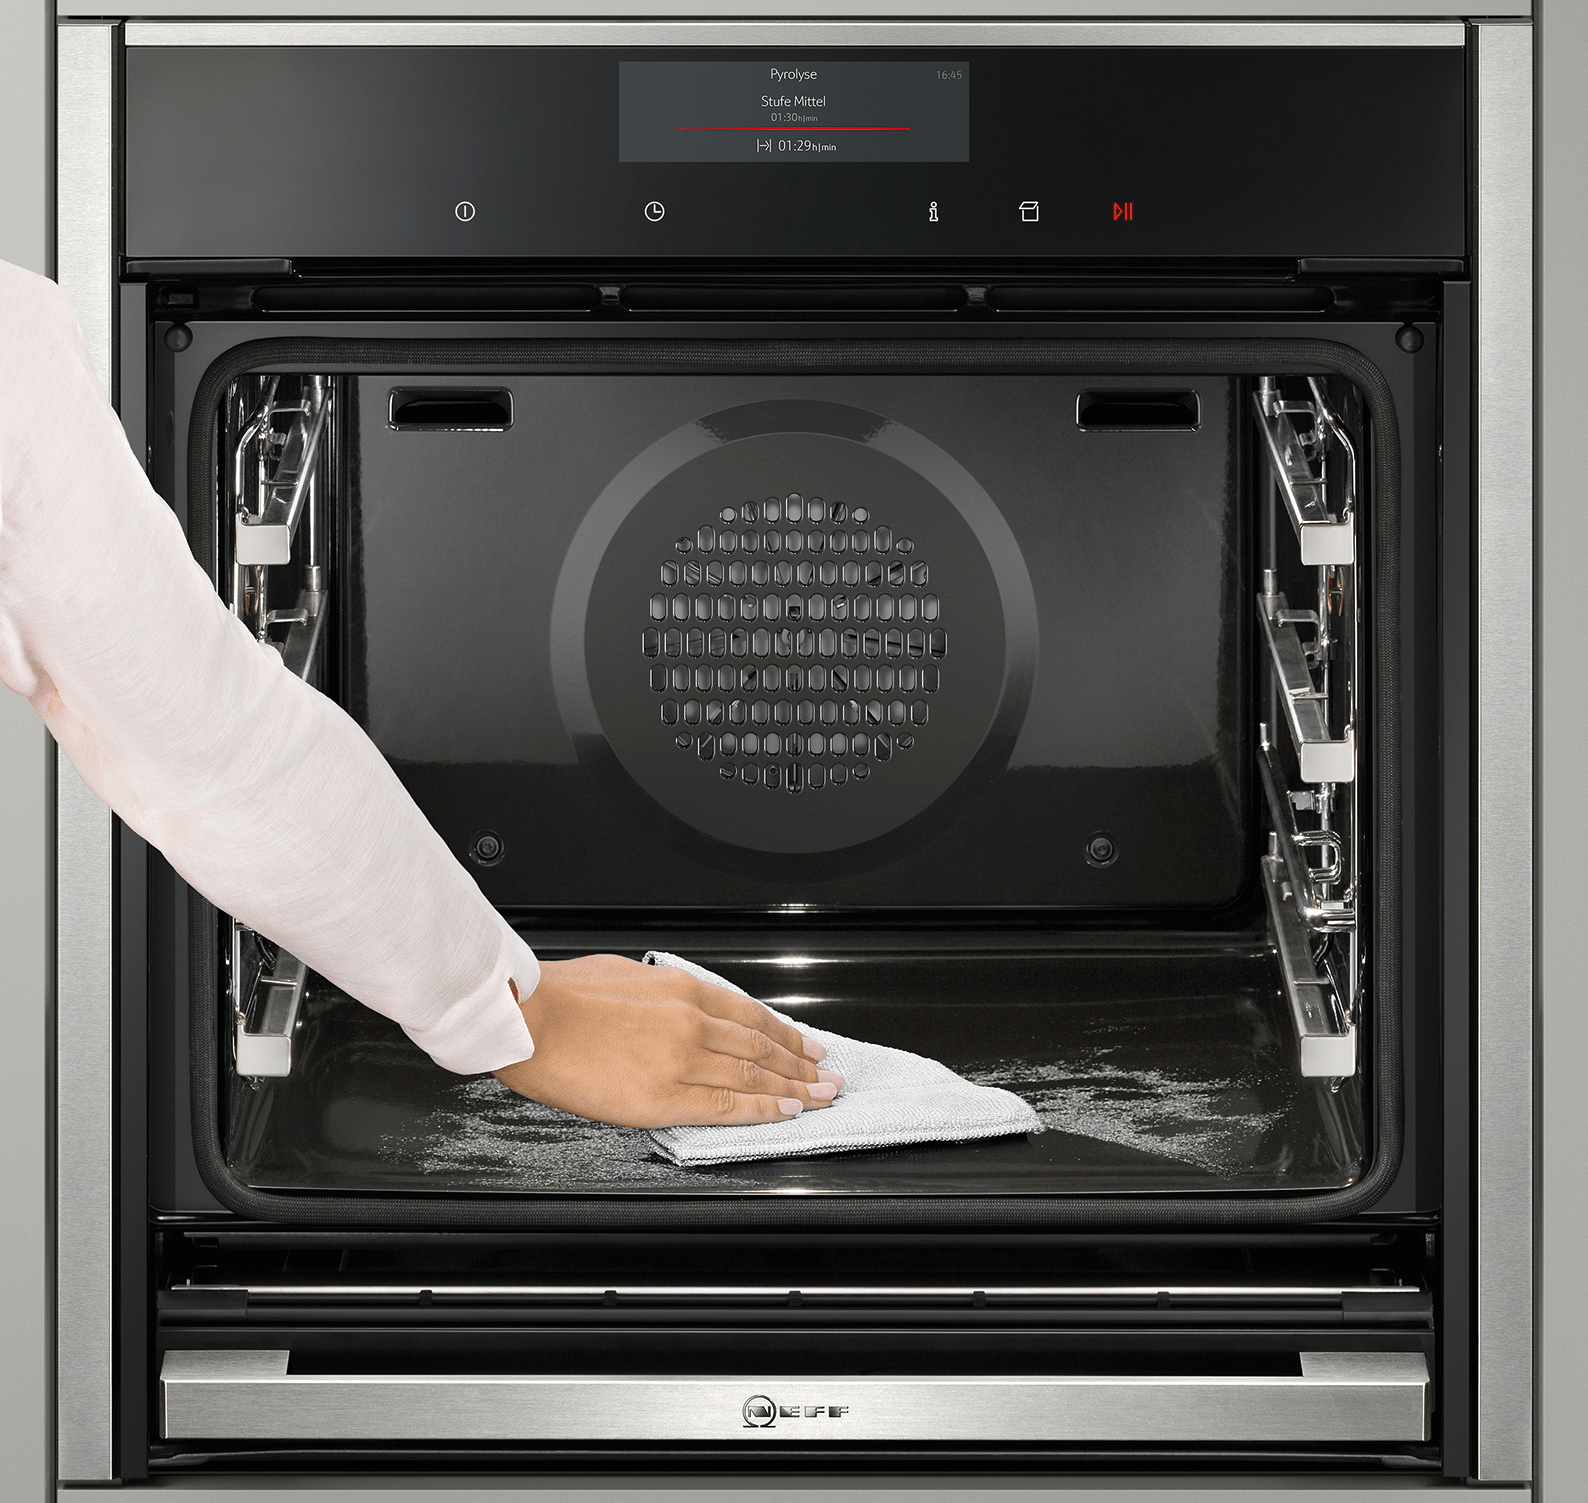 Каталитическая очистка духовки: что это такое? ✅️плюсы-минусы [2019]